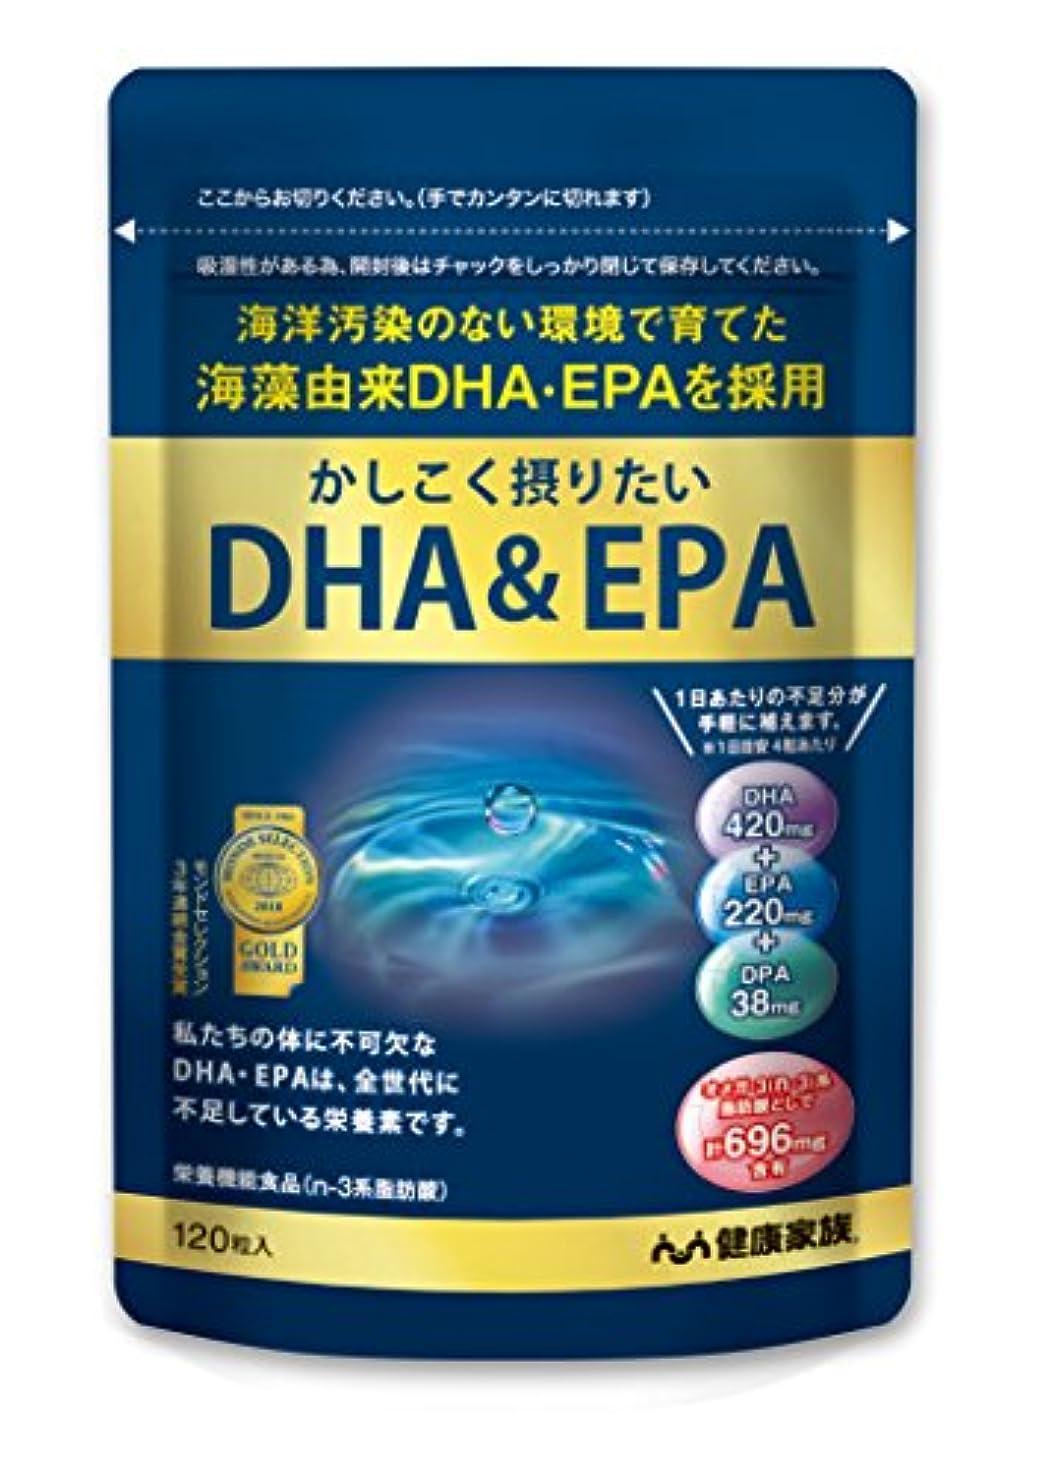 保護するキャロライン子豚【健康家族】 かしこく摂りたいDHA&EPA (1粒の内容量334mg×120粒)